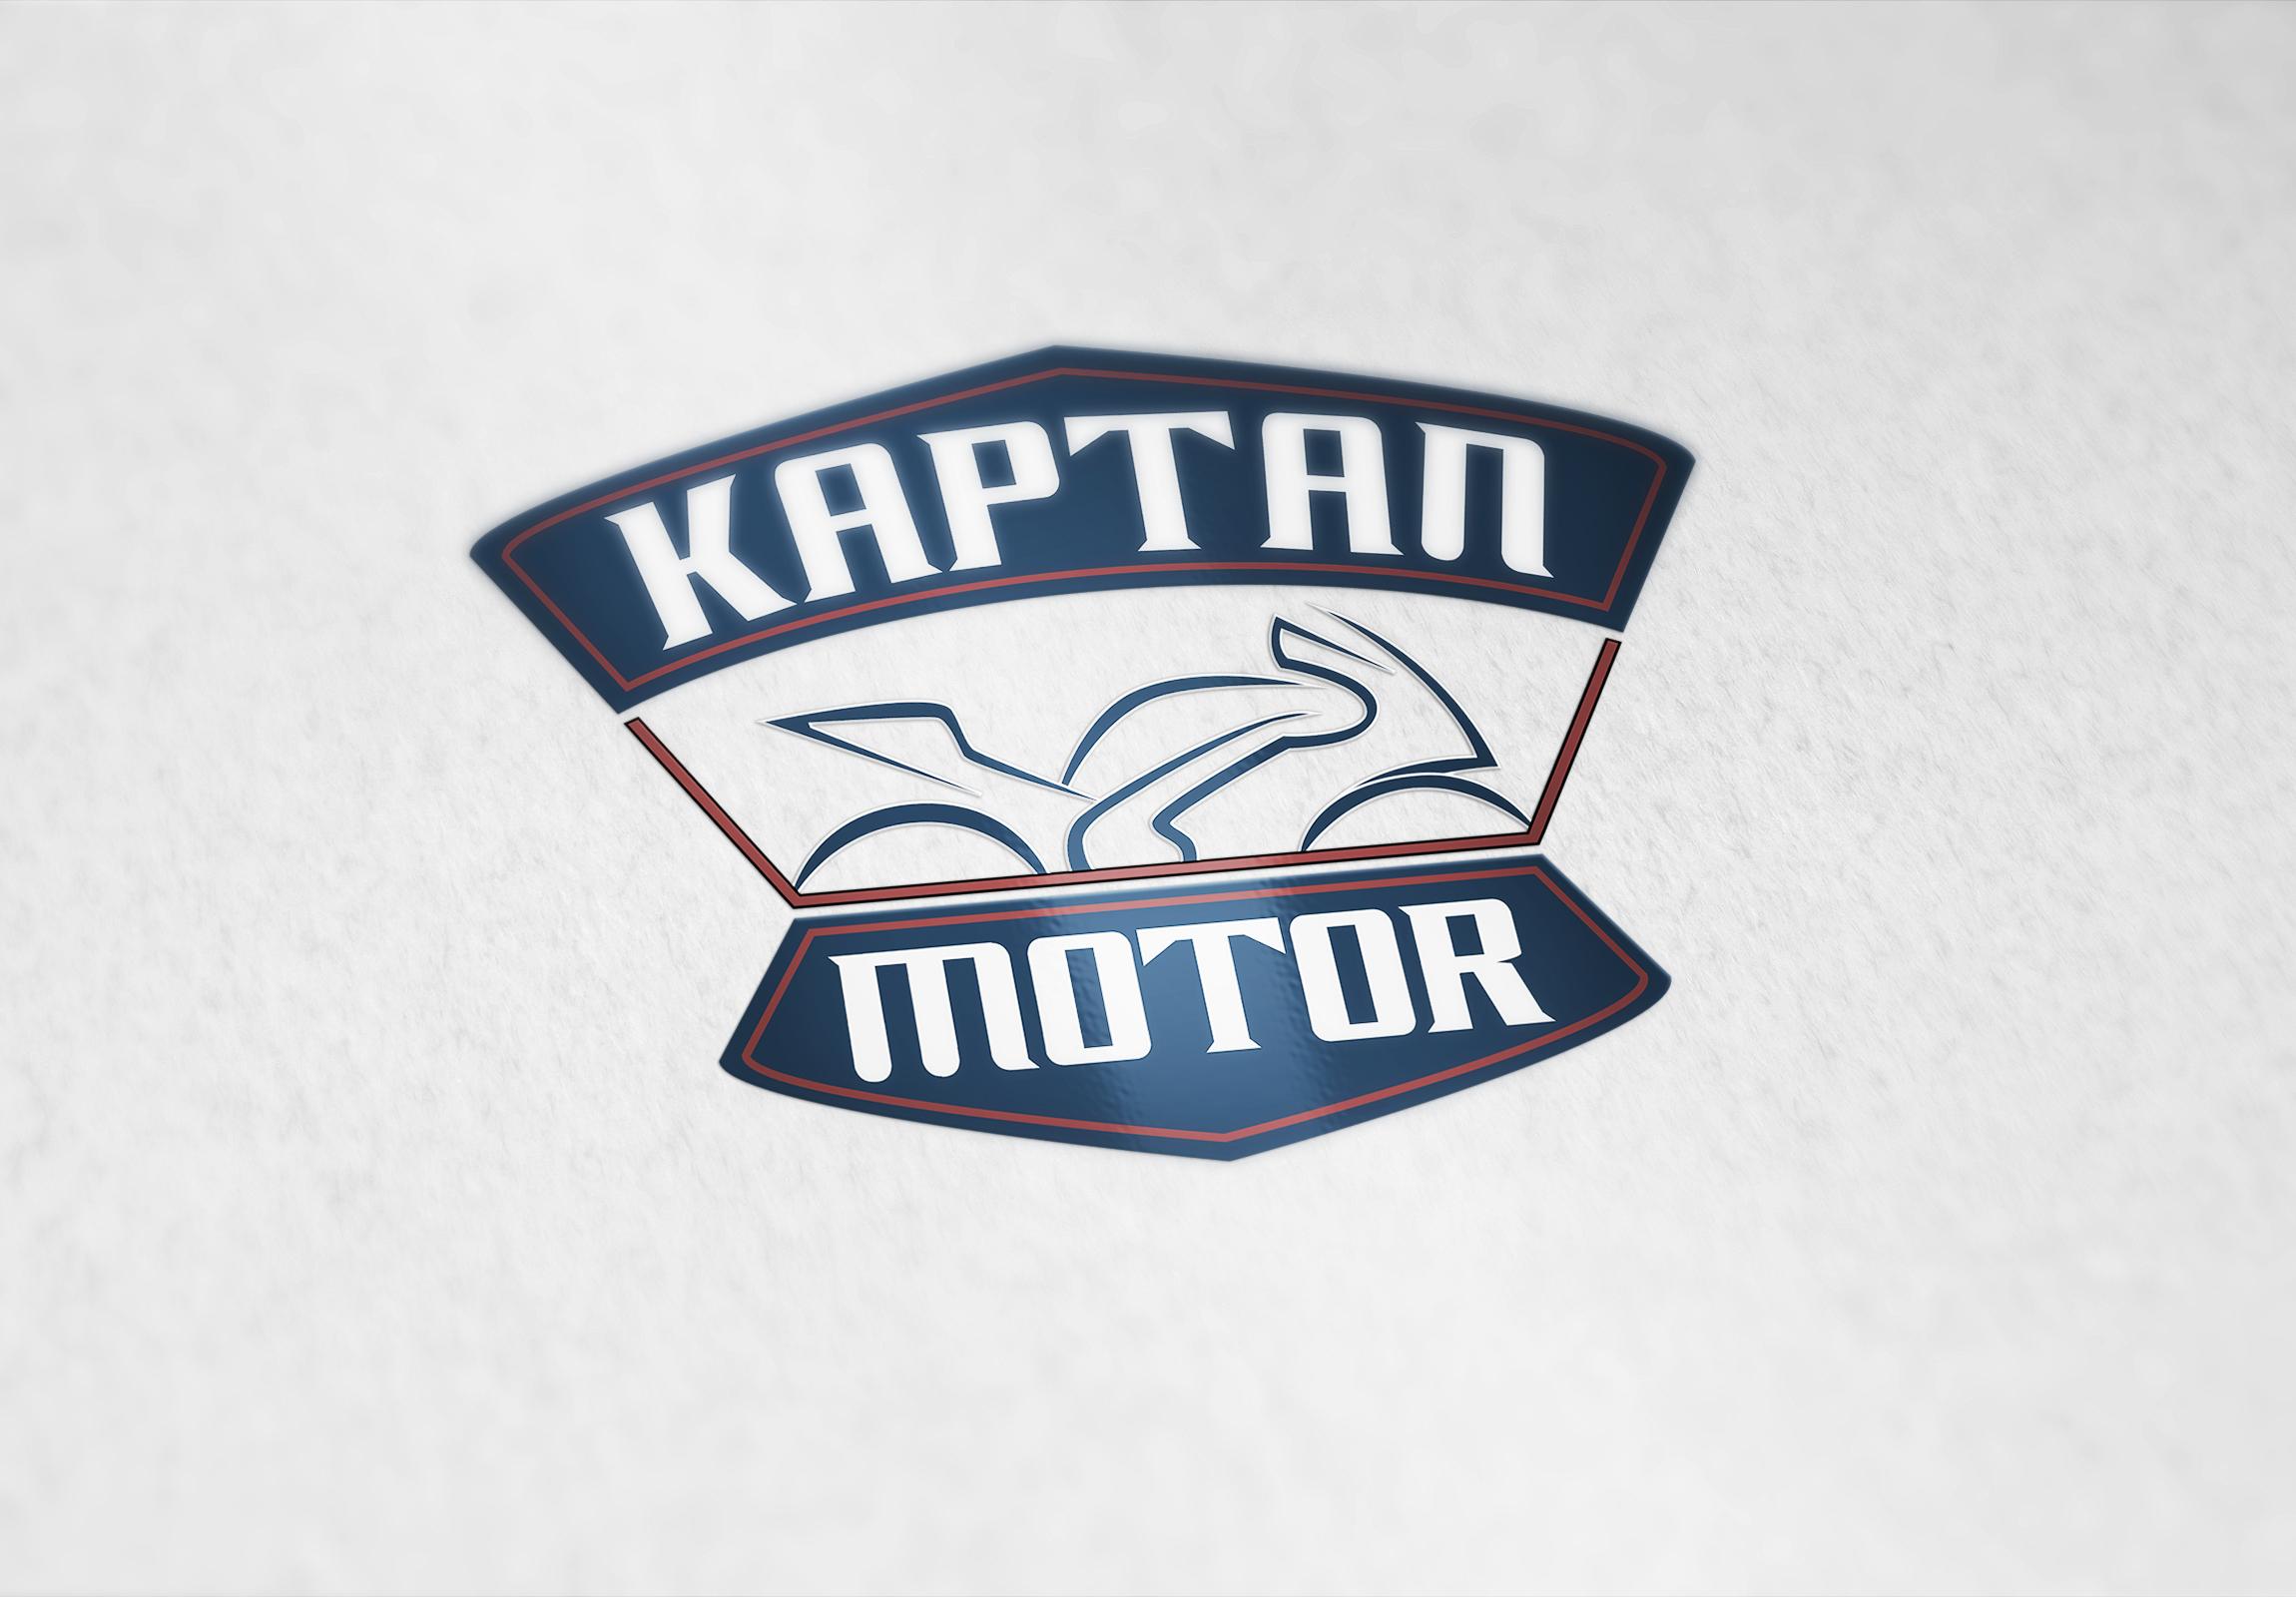 Kaptan Motor